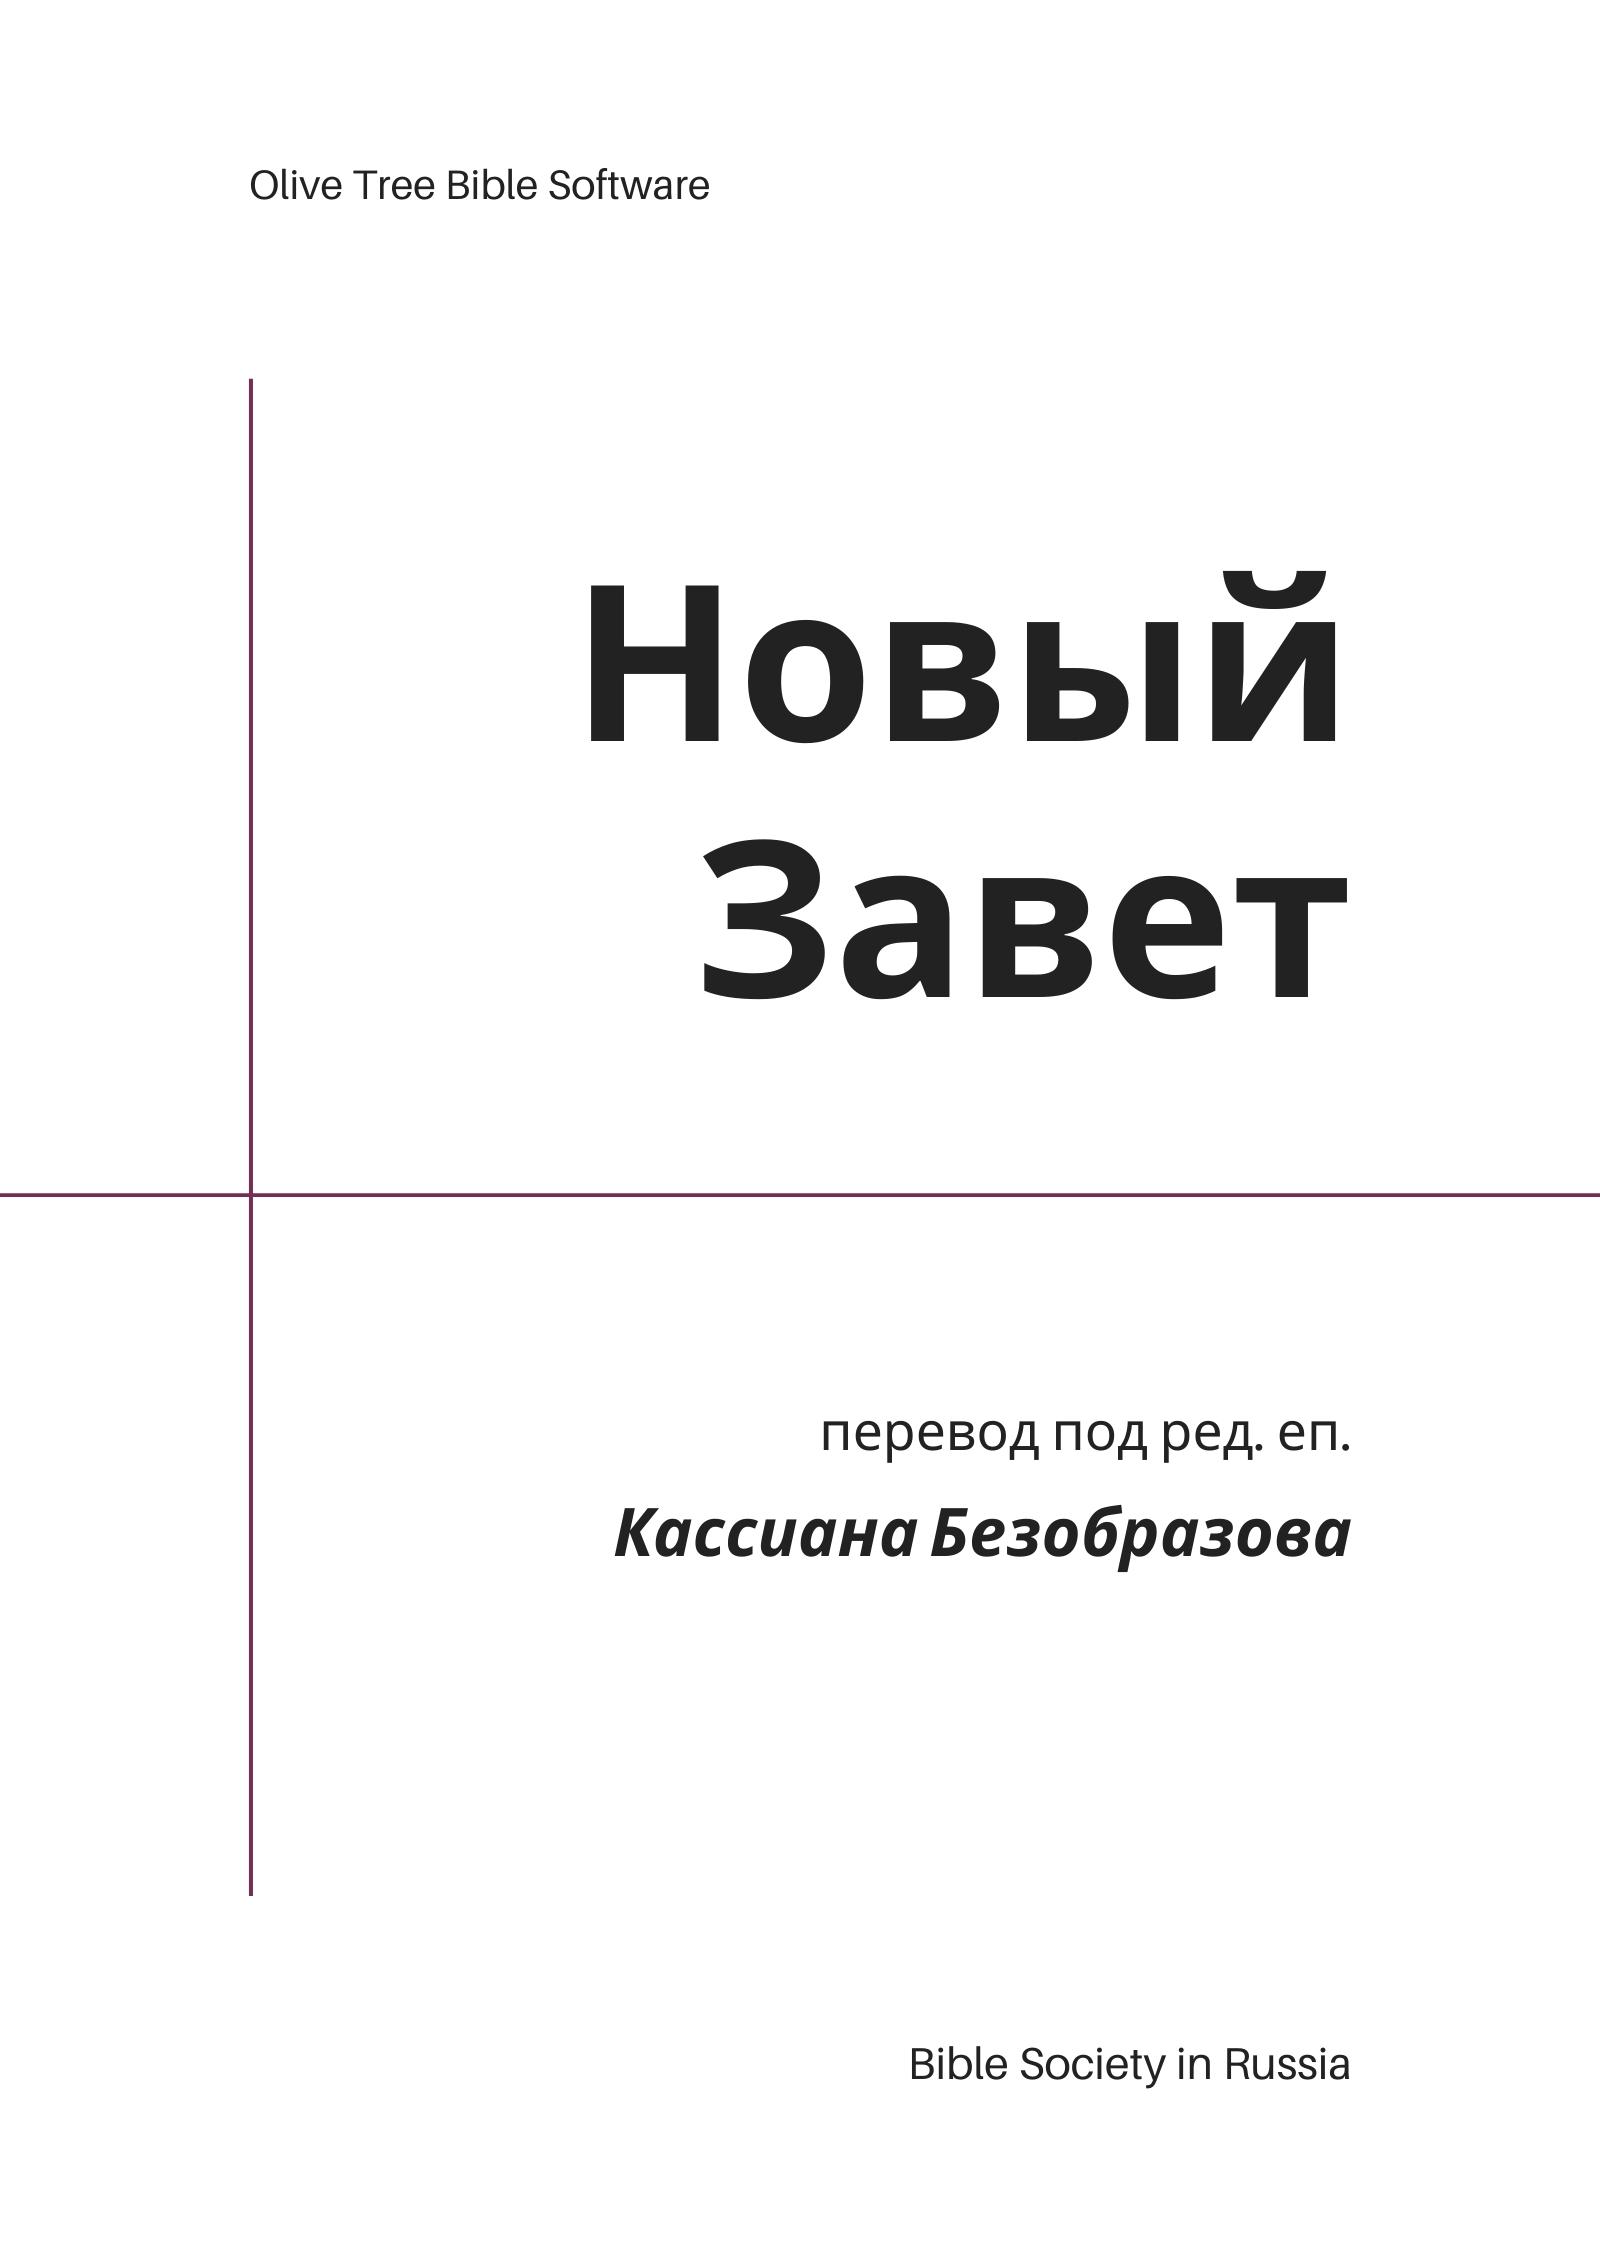 Новый Завет, перевод под ред. еп. Кассиана Безобразова